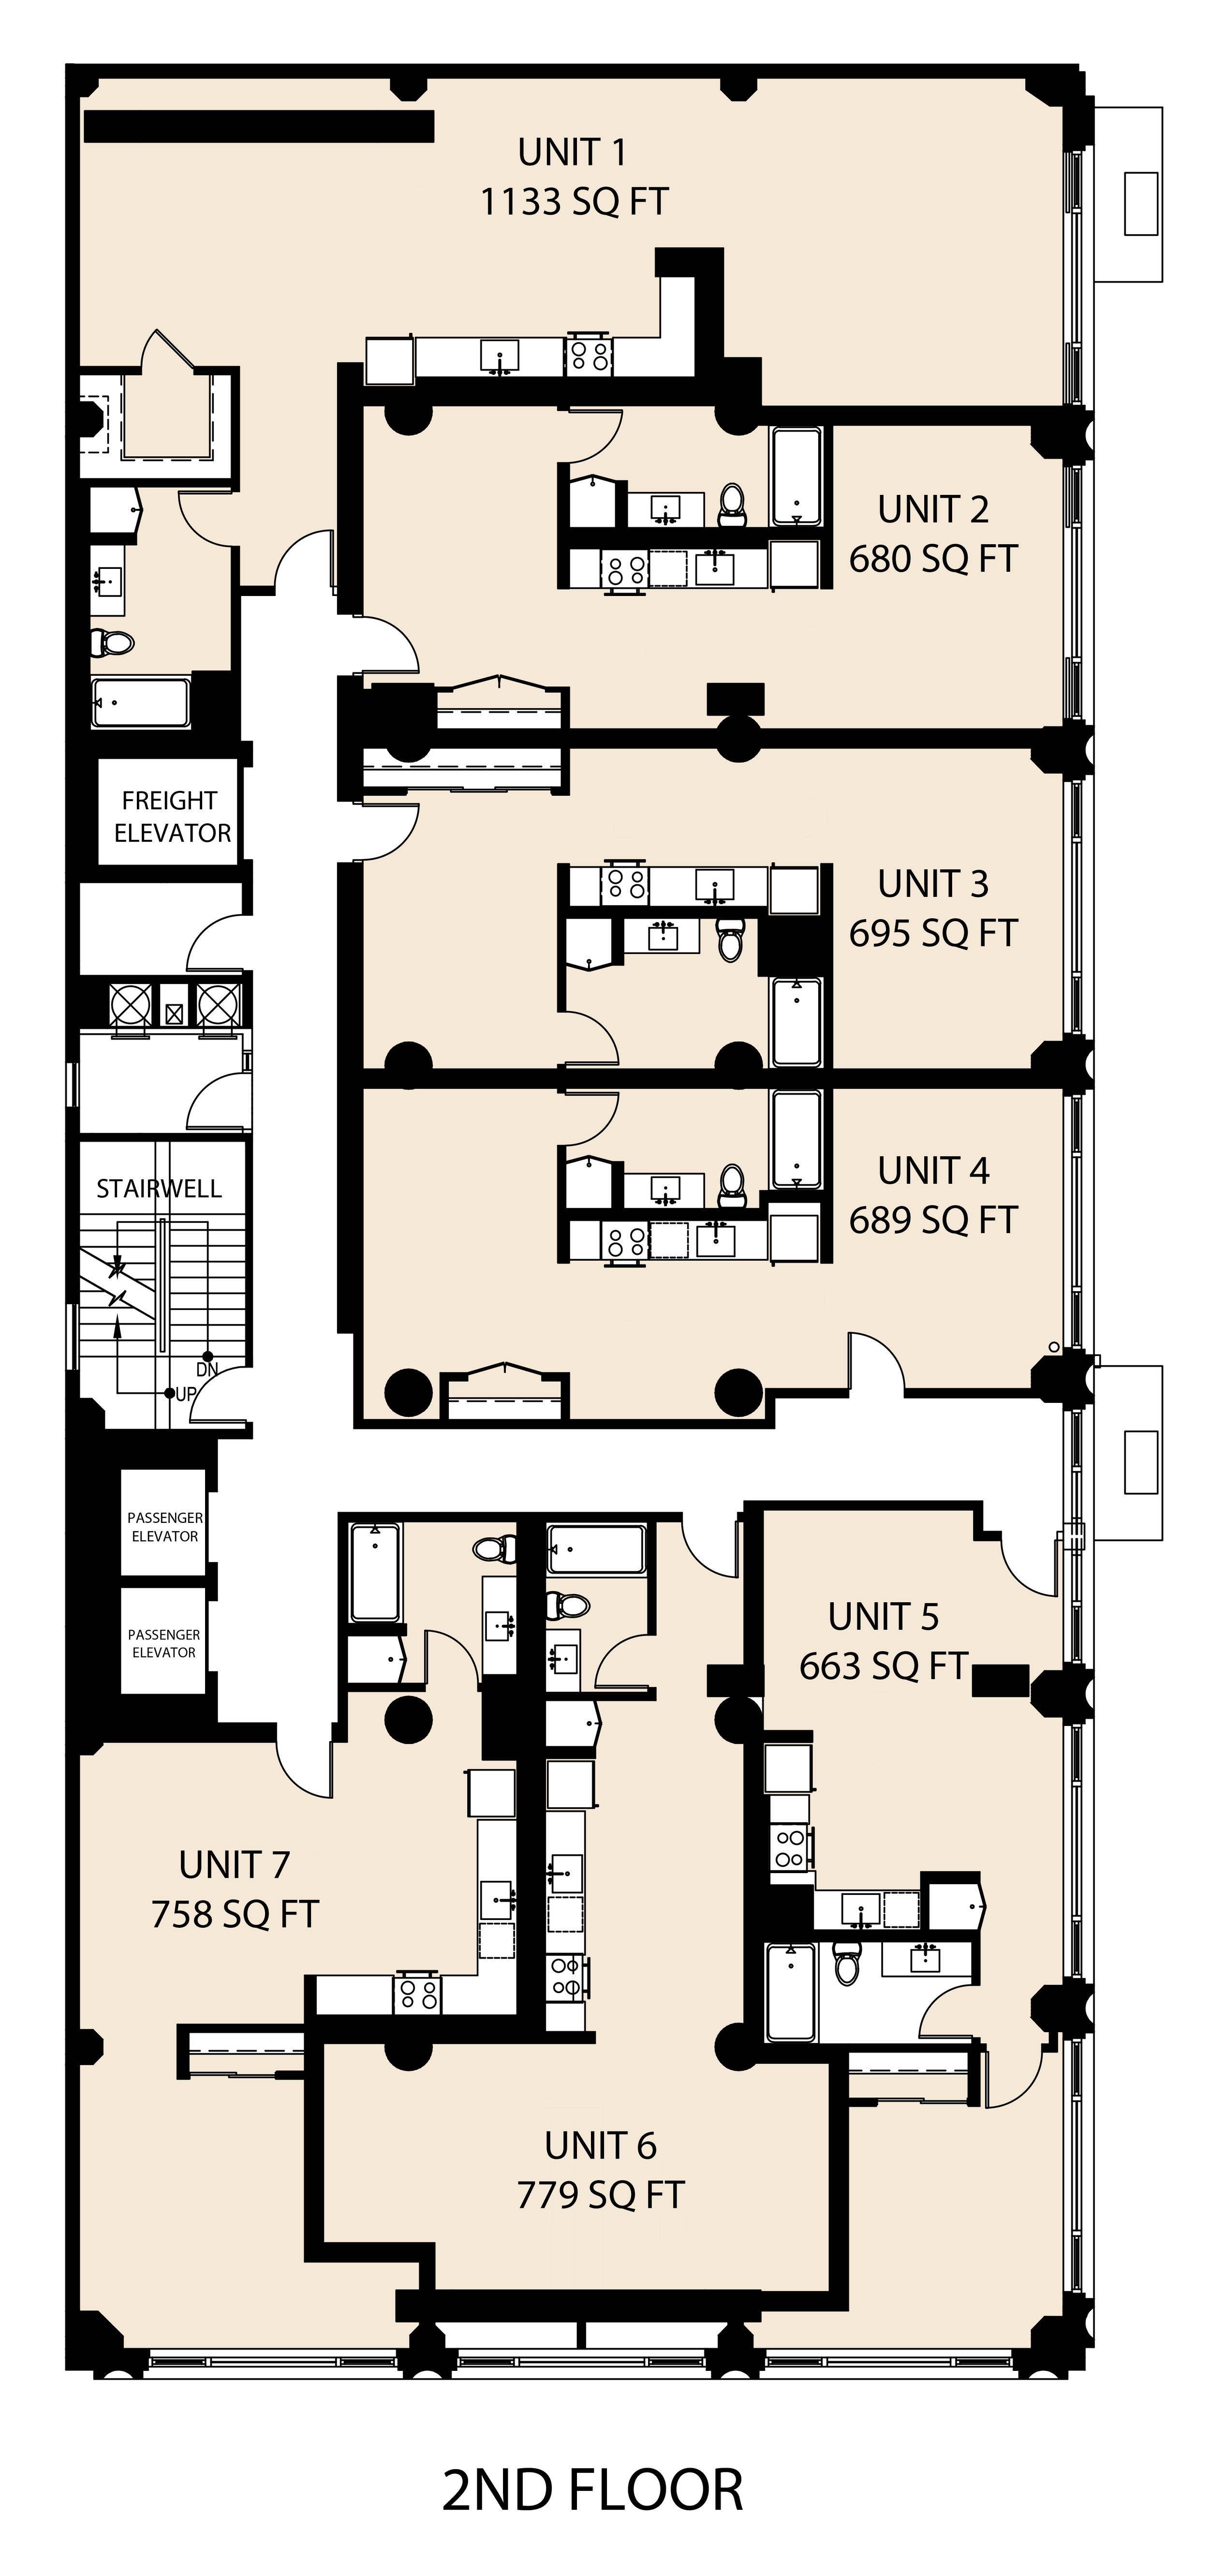 Level 2 Floorplans